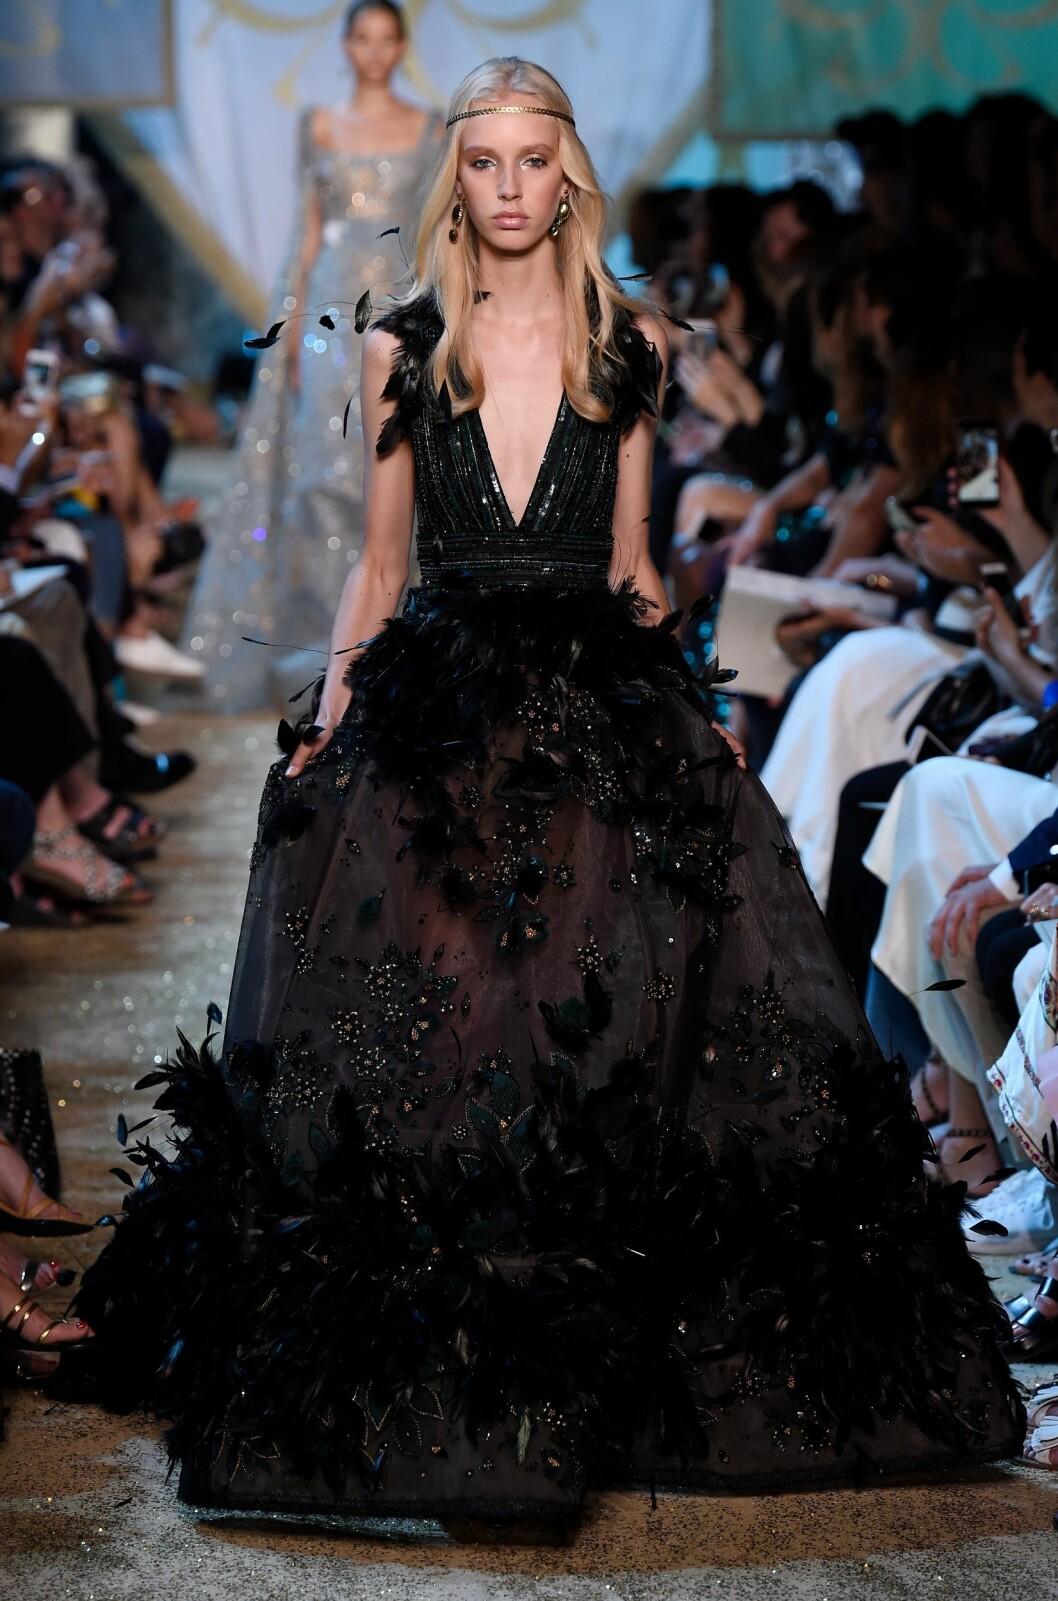 ELIE SAAB: 4000 fjær, 3000 perler og 2500 paljetter ble sydd på seks meter med tyll. Totalt var det ni mennesker som jobbet med denne kjolen i tre måneder. Foto: Shutterstock